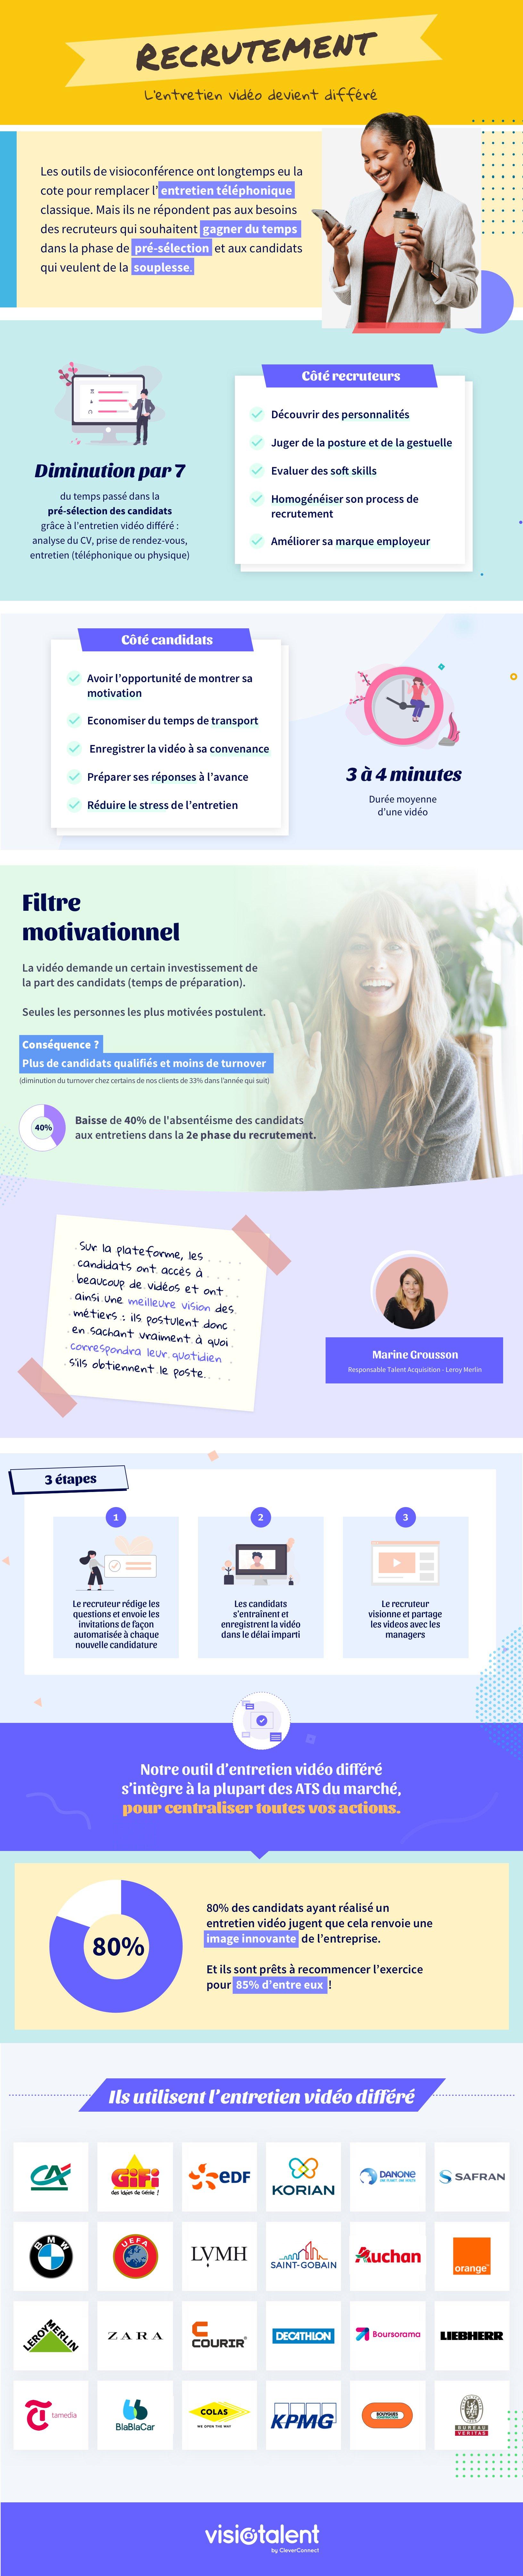 FR-infographie-visiotalent-2020